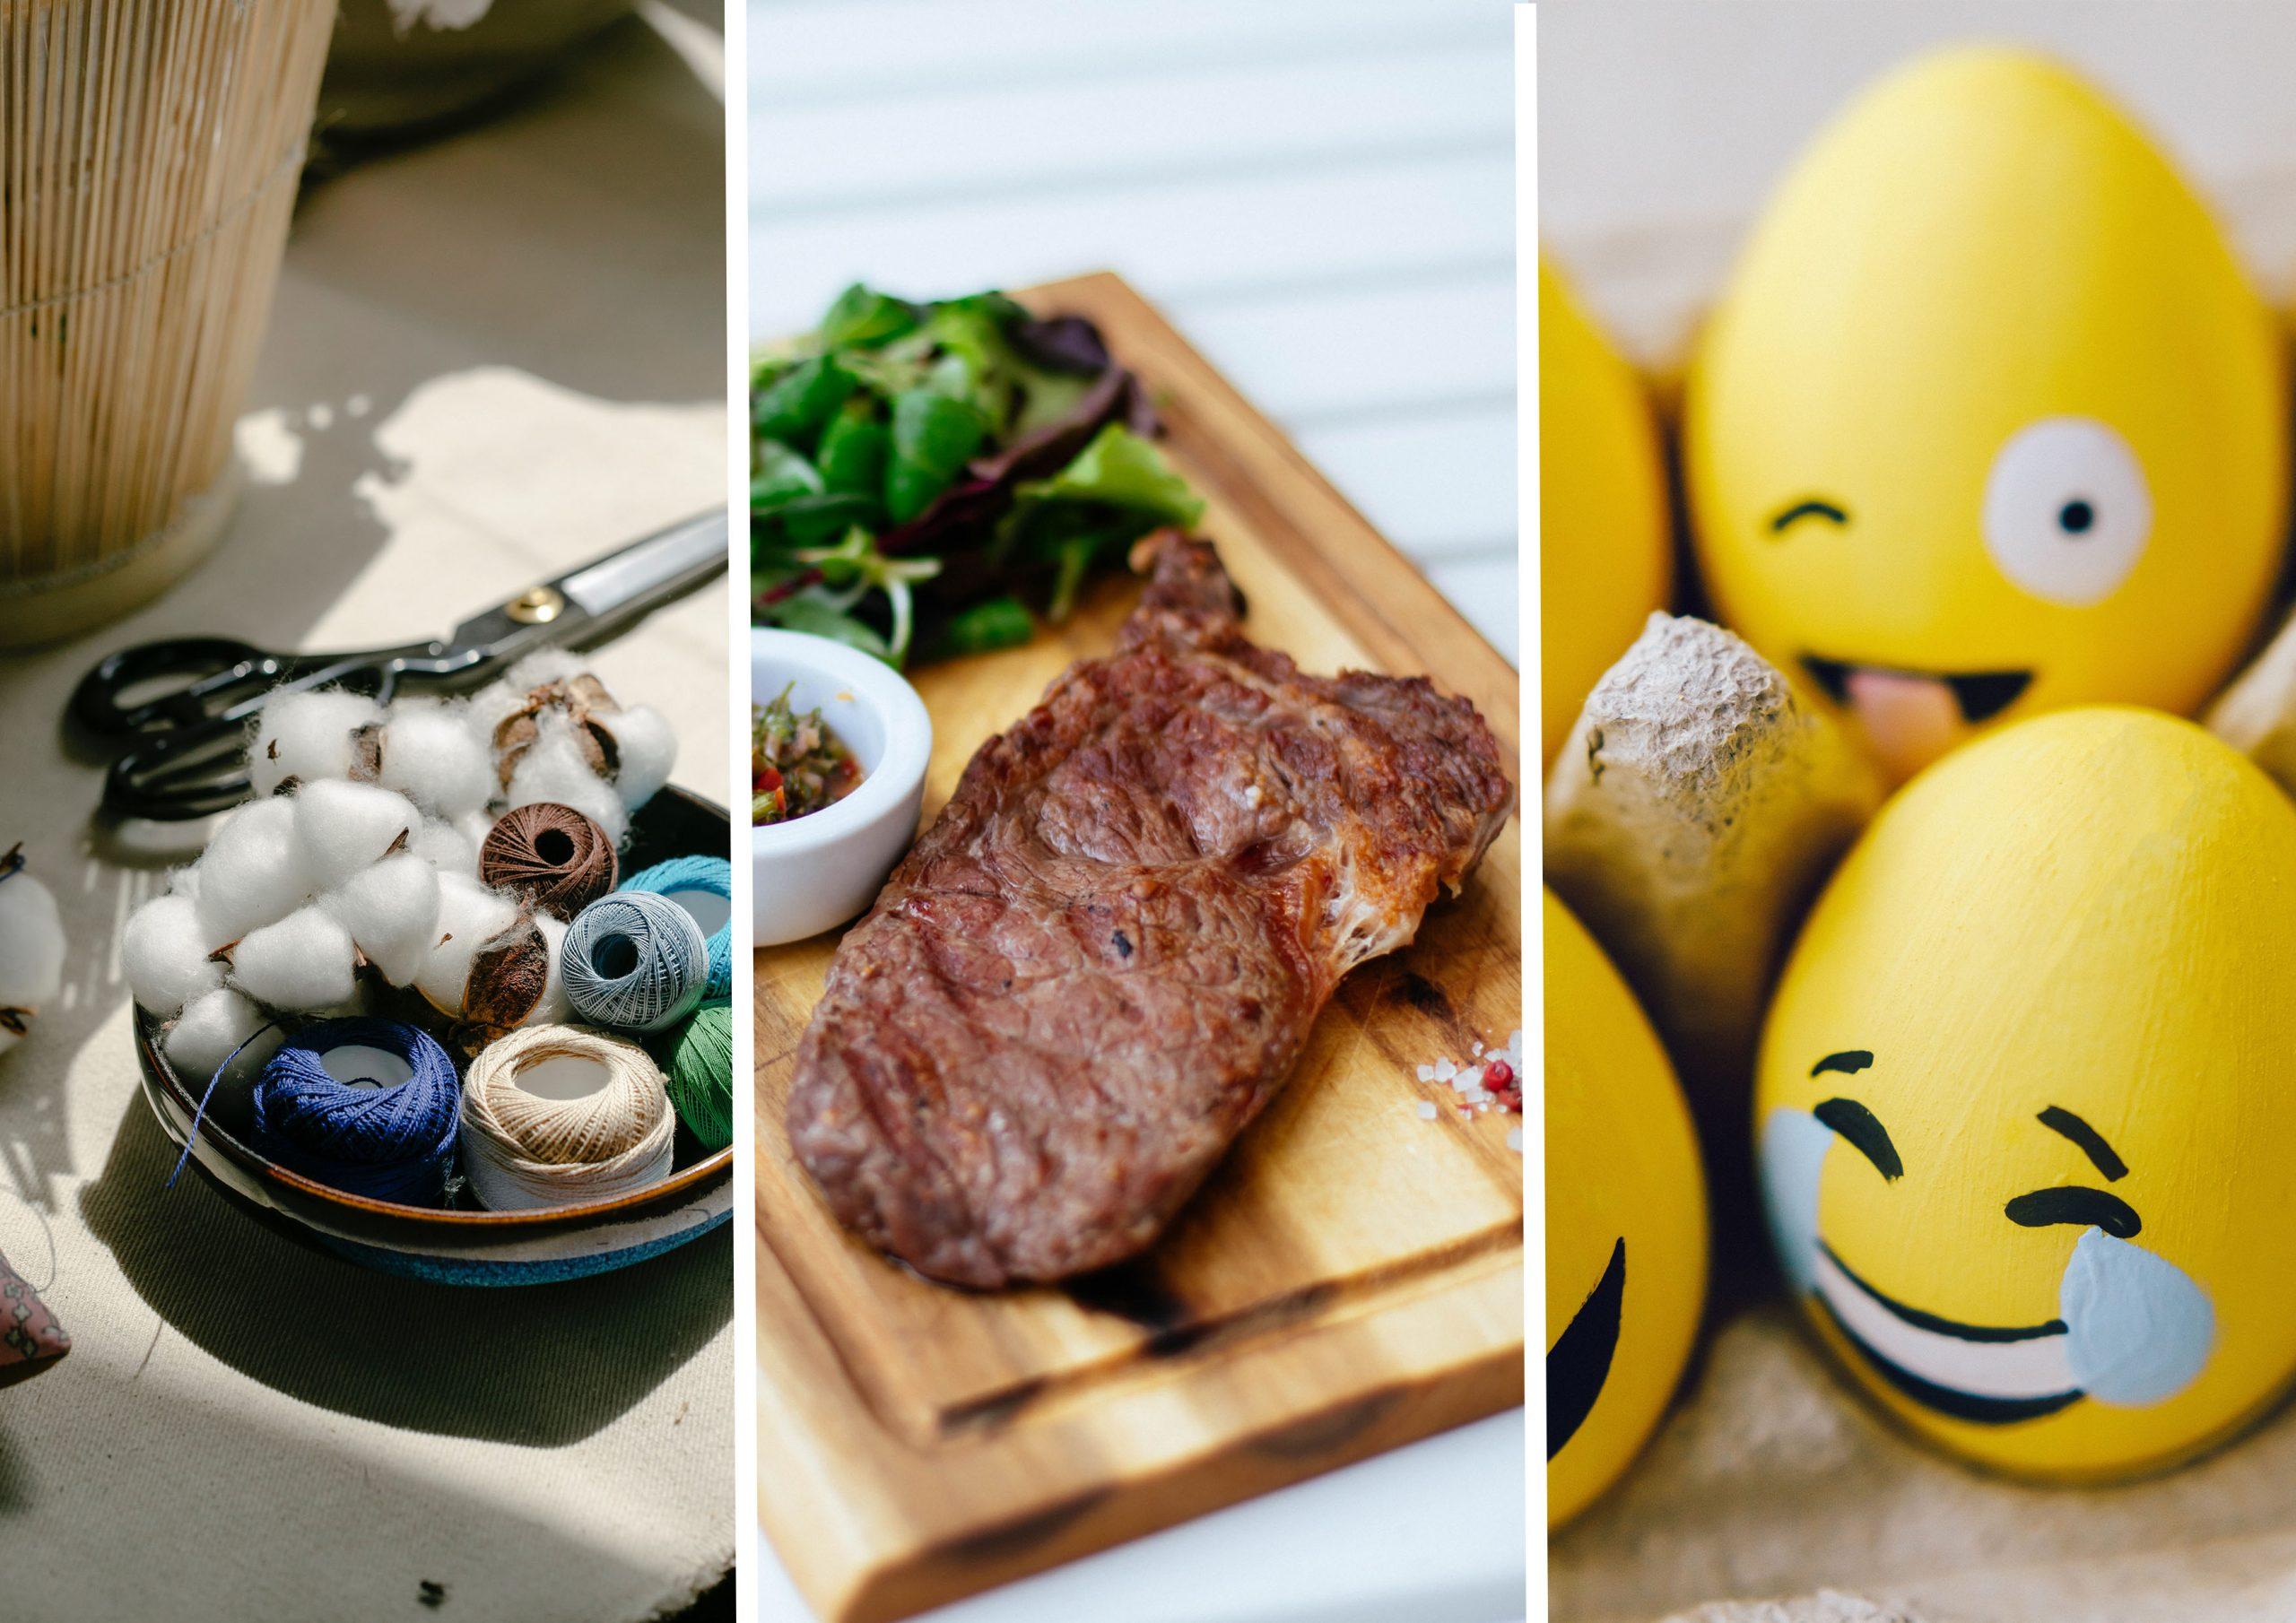 למה ממעטים בשמחה, האם אוכלים בשר והאם מתקנים בגד | שות נוסף לבין המיצרים